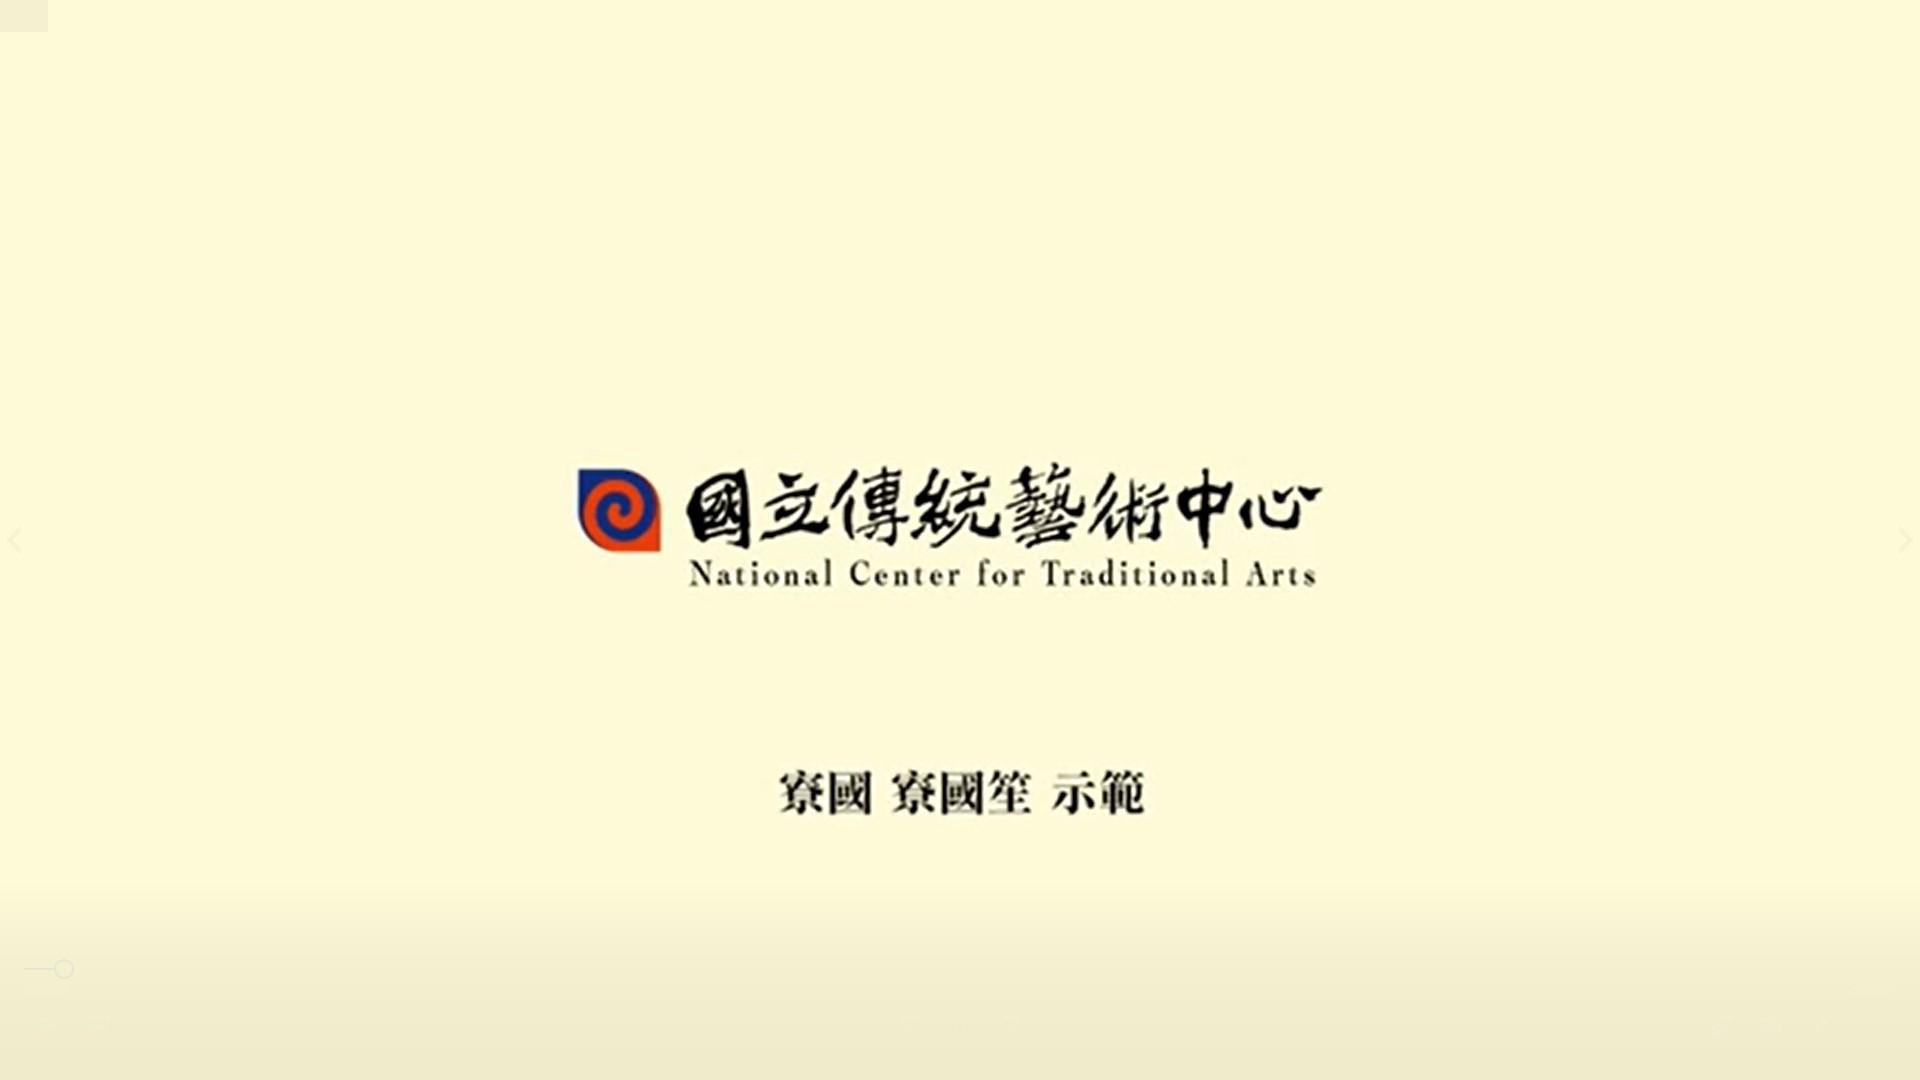 「亞太樂器常設展」樂器介紹-寮國笙